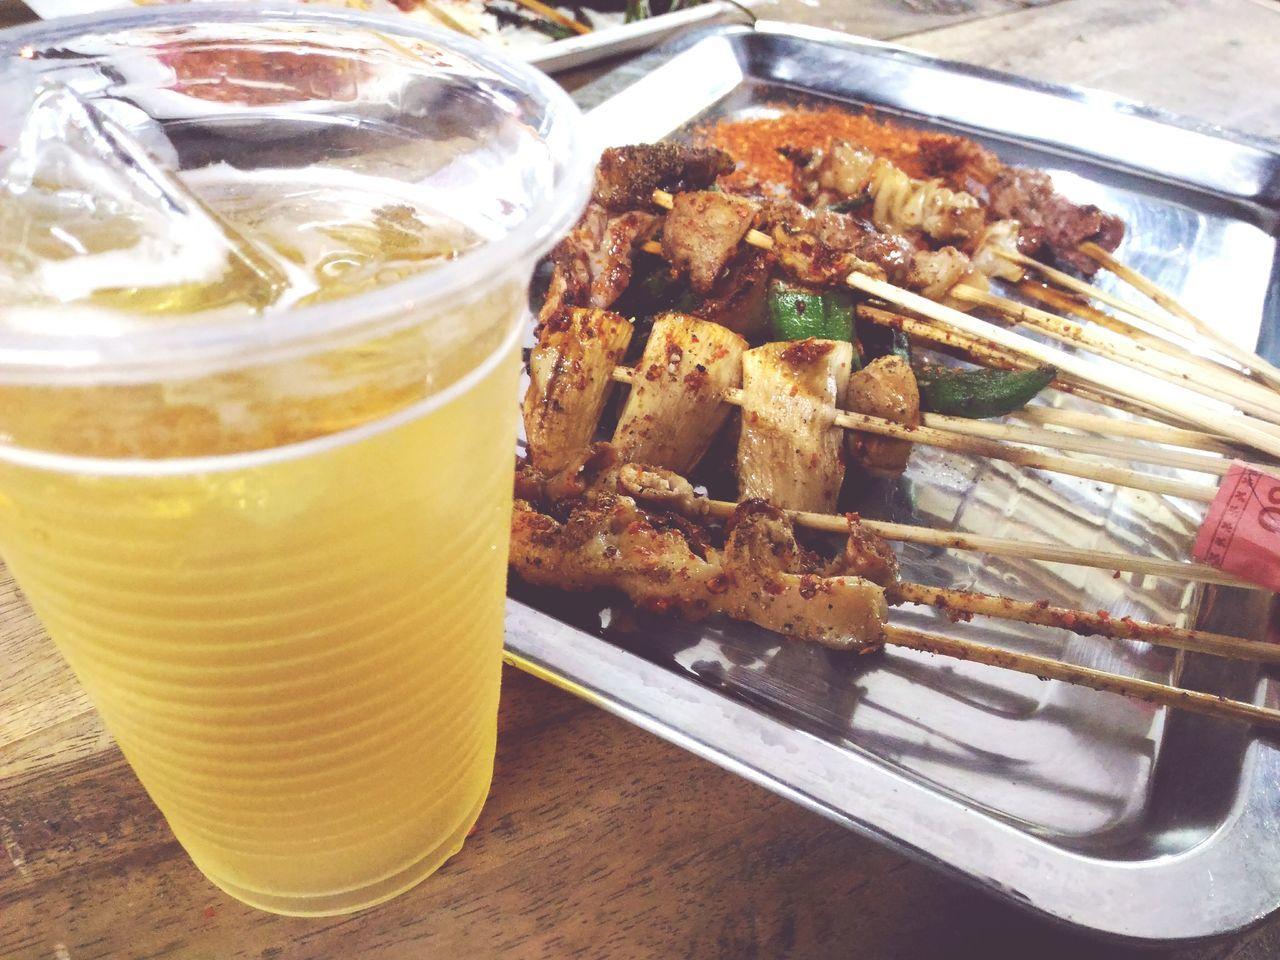 หม่าล่า Food And Drink Freshness Close-up Temptation Drink Indoors  No People Cold Temperature Ready-to-eat Day Beer Grill Food